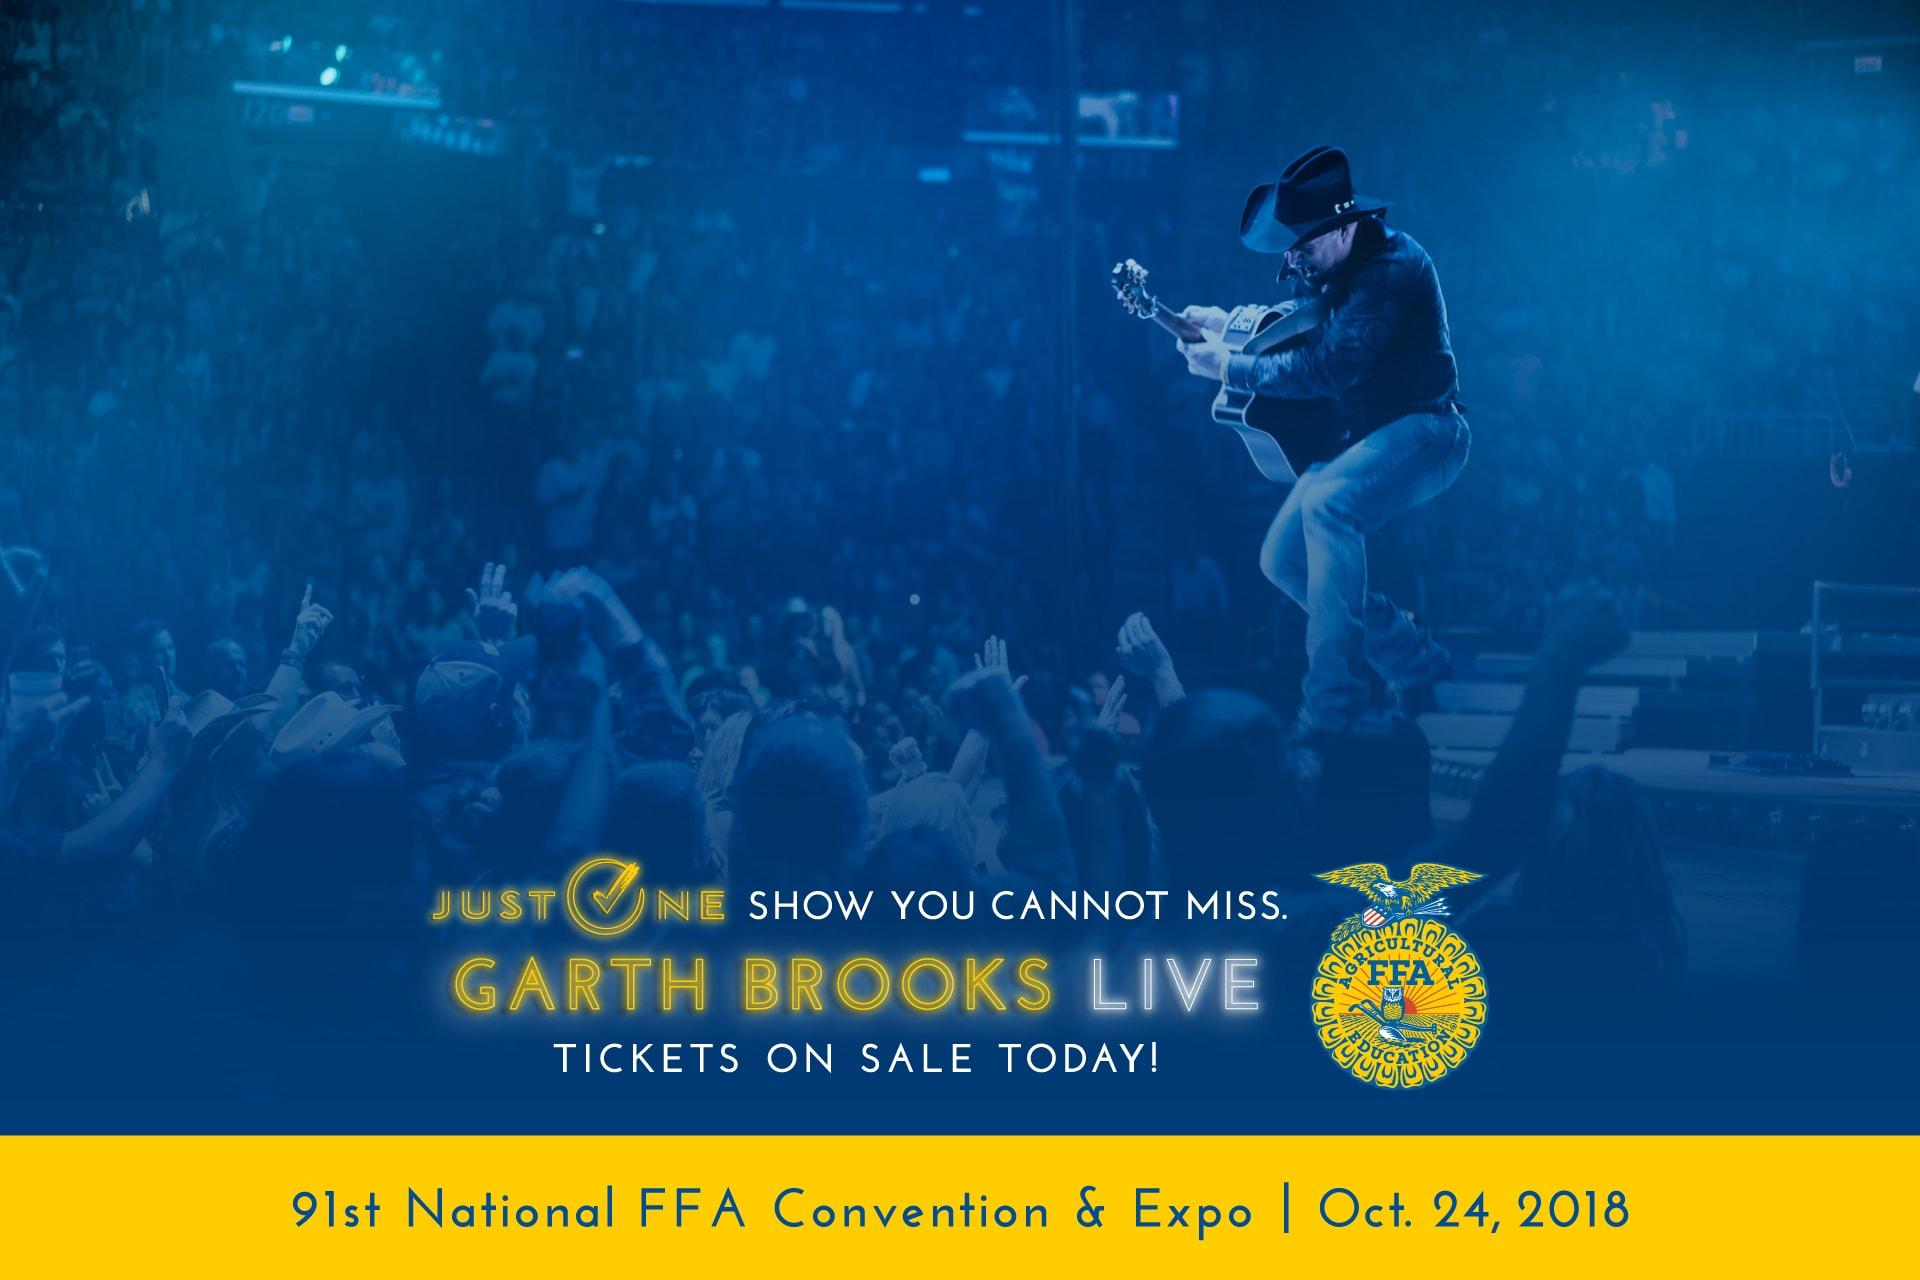 Garth Brooks: Tickets On Sale Now!